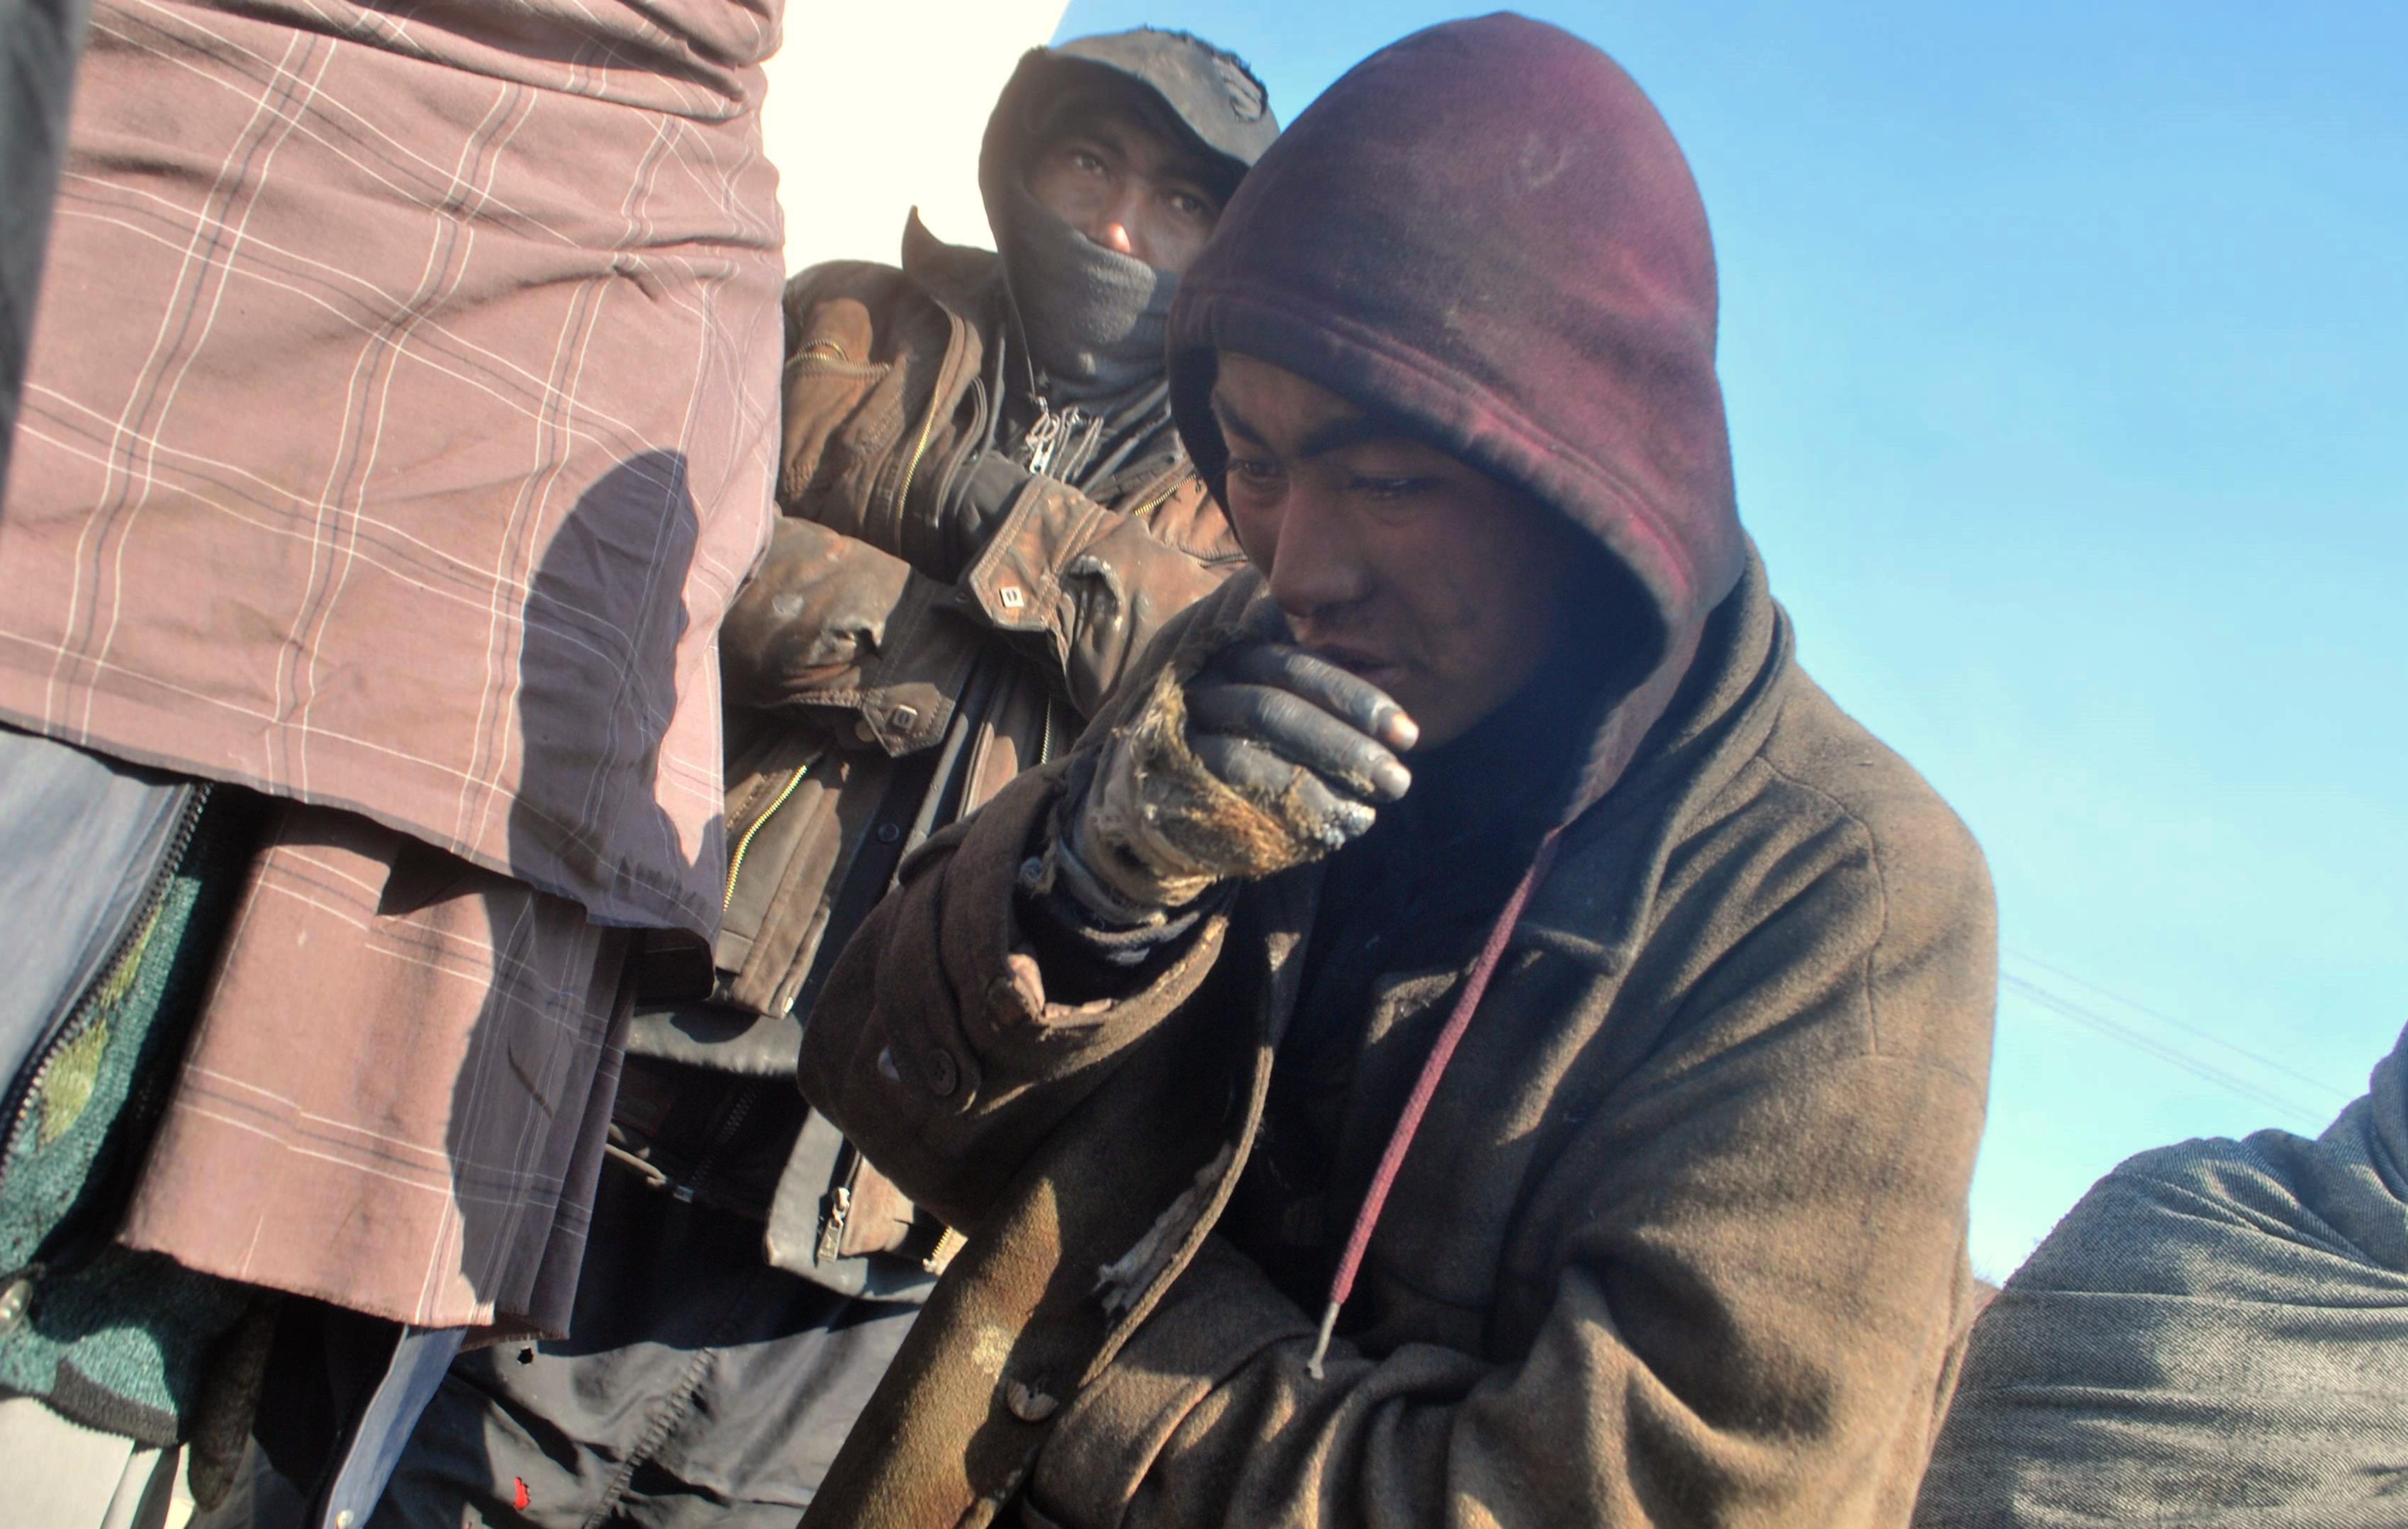 د طالبانو له خوا د نشه ییزو توکو ناقانونه سوداګري د افغانستان لپاره د لوی تخریب سبب ګرځېدلې ده